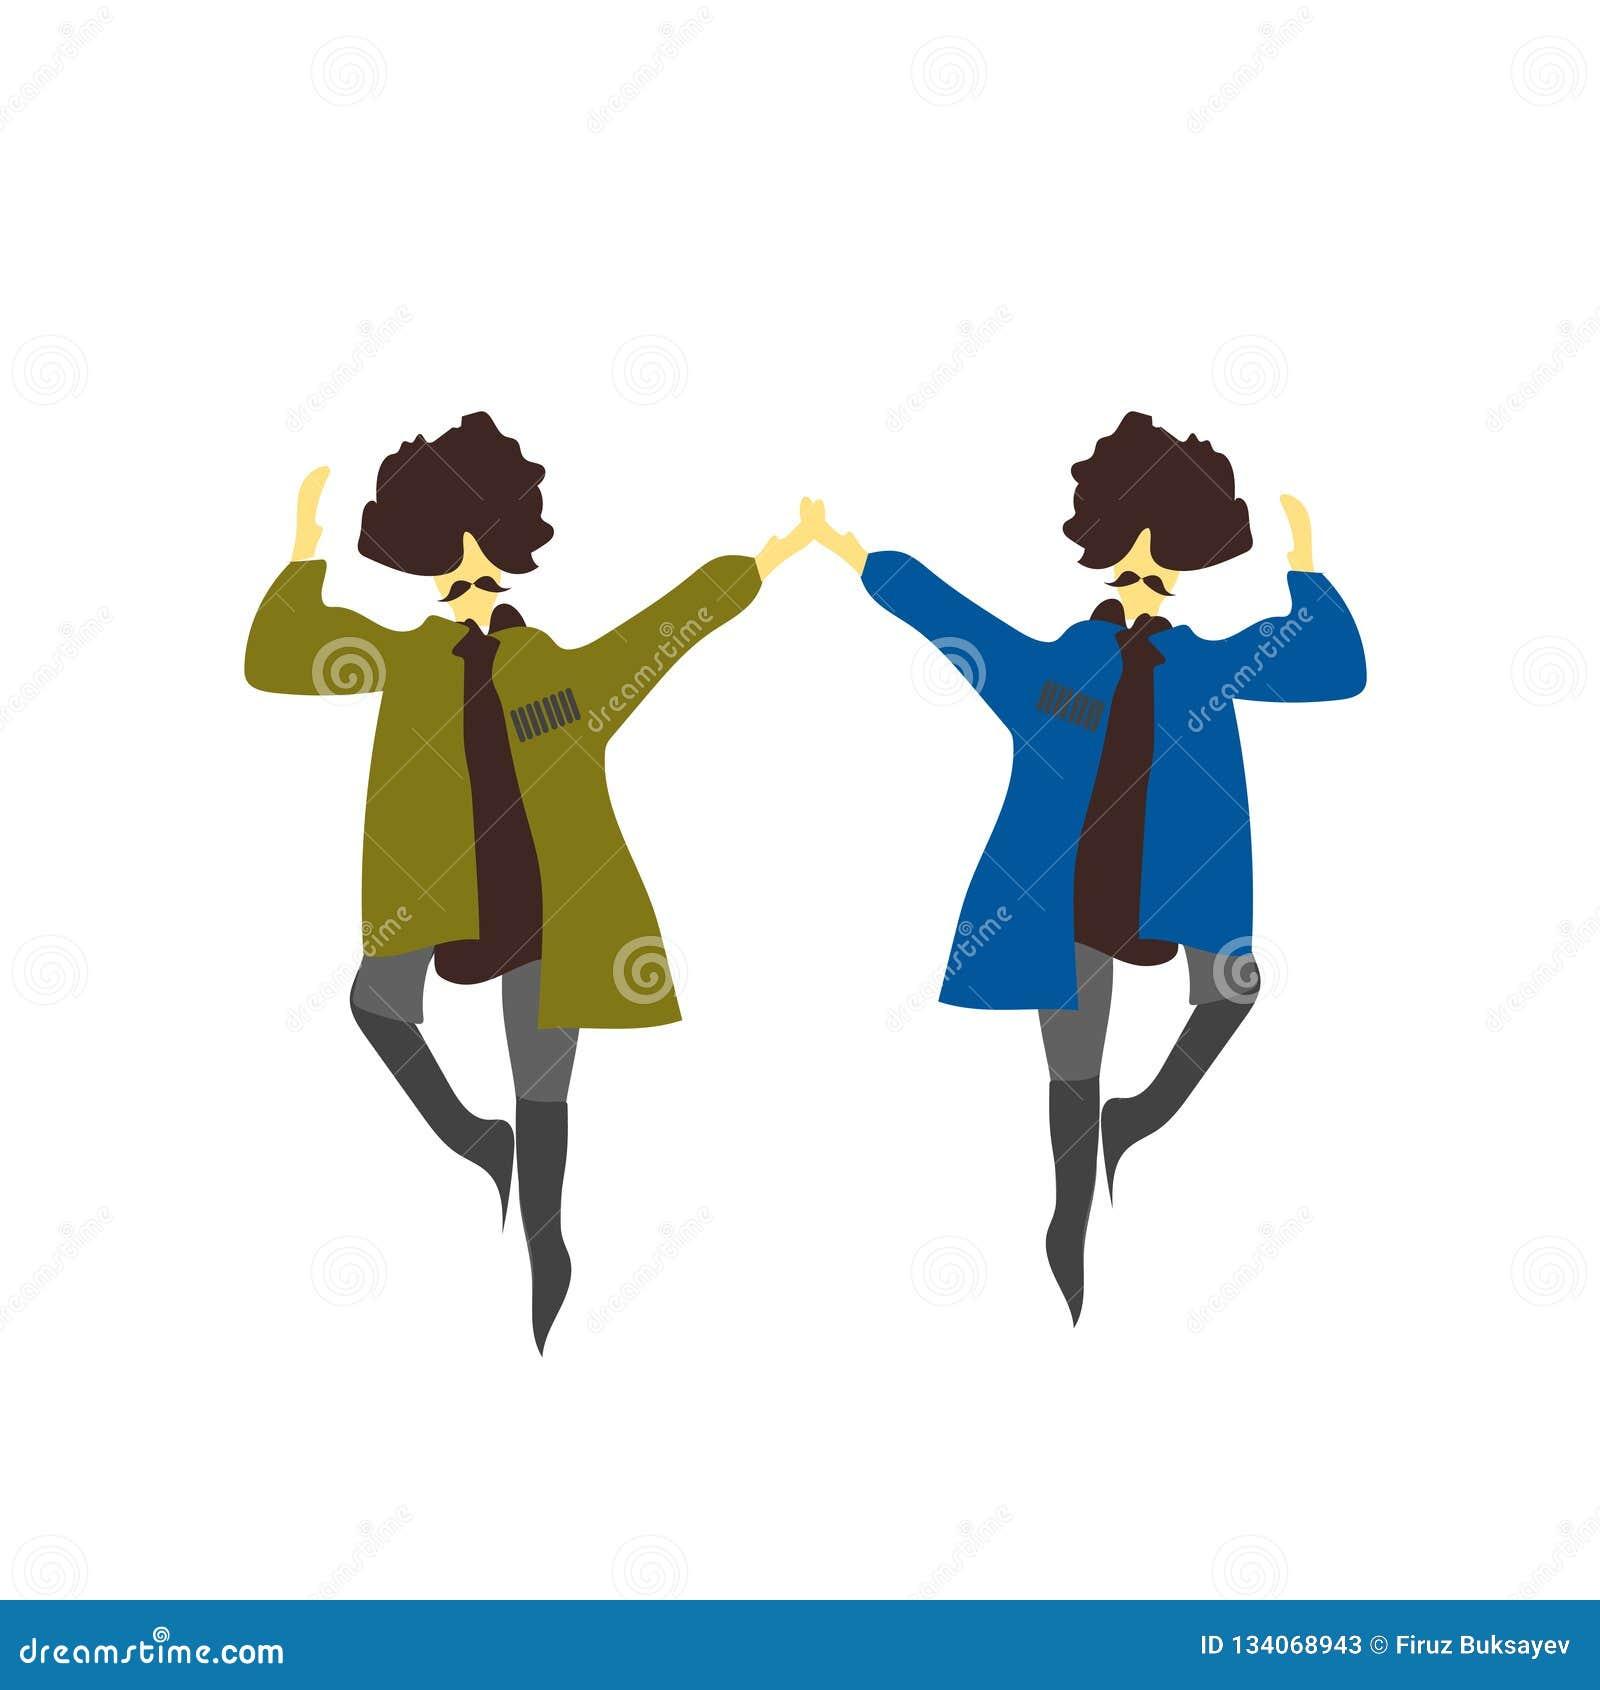 Sinal e símbolo do vetor do vetor da dança do natinal de 2 homens isolados no fundo branco, conceito do logotipo do vetor da danç